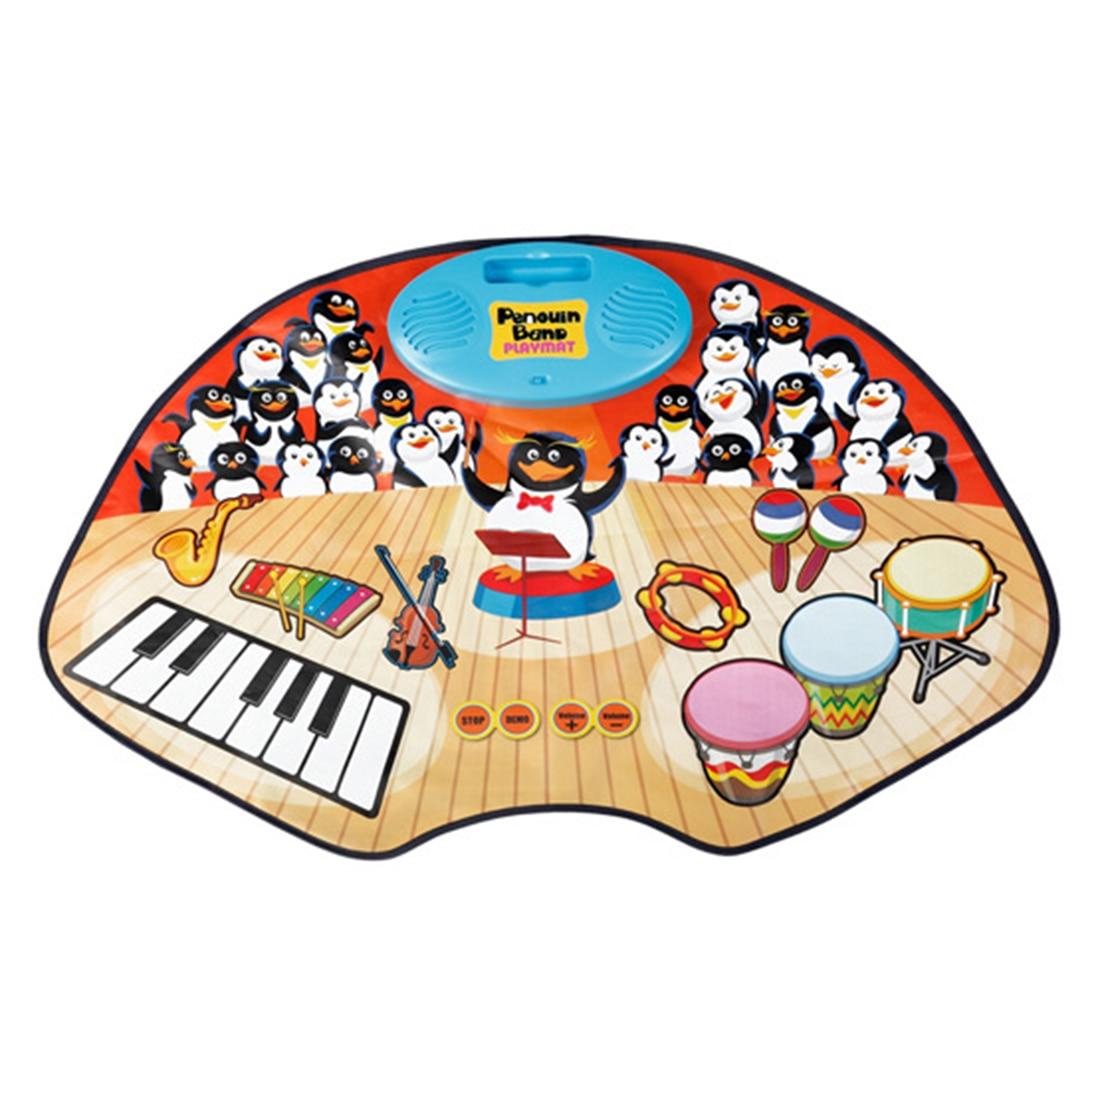 2019 offre spéciale bébé tapis de jeu enfants développement pingouin bande tapis de jeu de musique tapis de jeu jouets éducatifs pour enfants enfants cadeaux